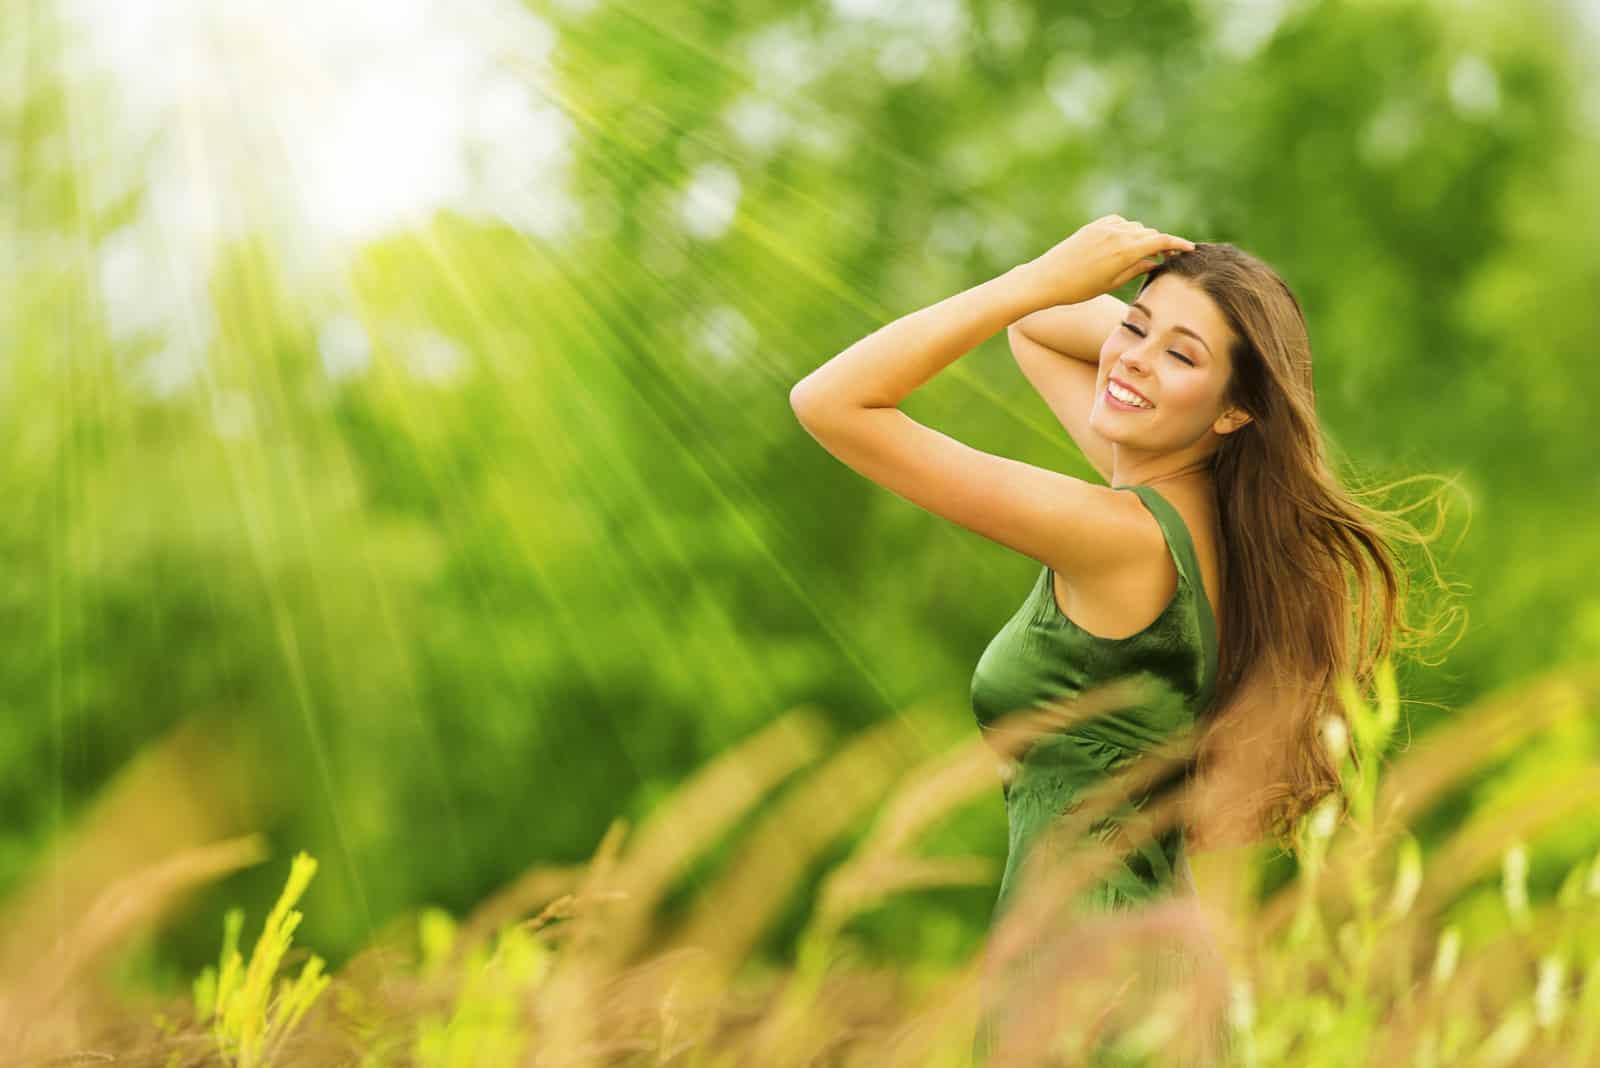 Une femme aux longs cheveux bruns dans une robe verte est assise dans un champ et rit